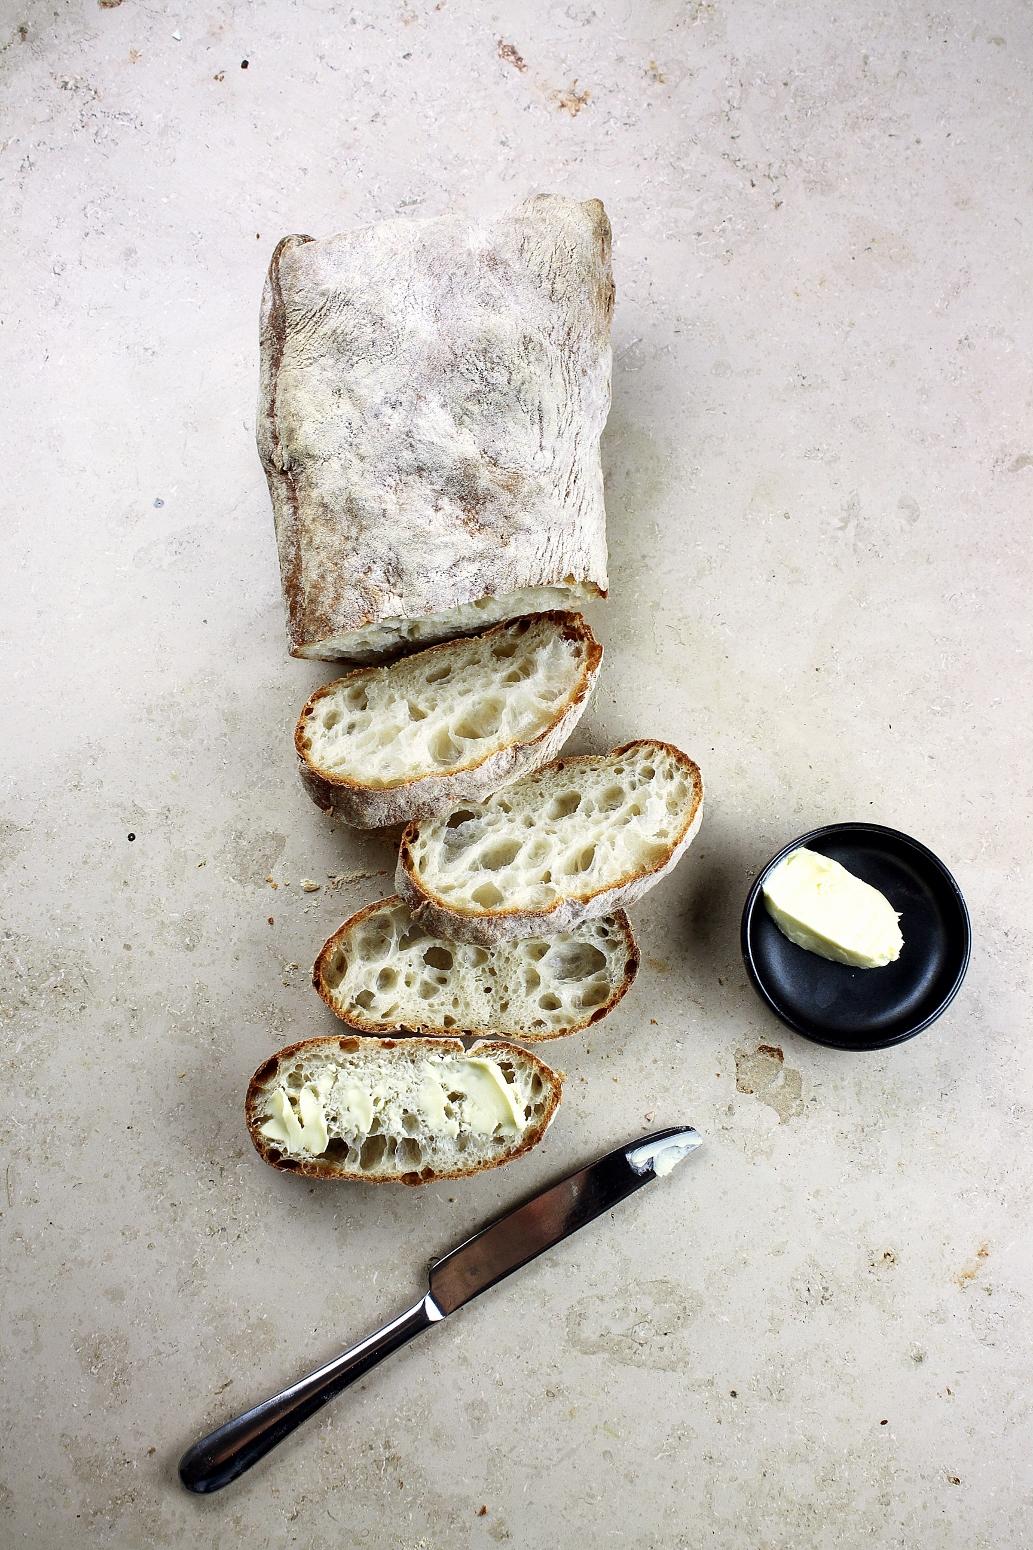 Si vede una ciabatta con burro e coltello come simbolo per il pane quotidiano di Katrin Walter: la lingua tedesca. Foto: Unsplash (Toa Heftiba)